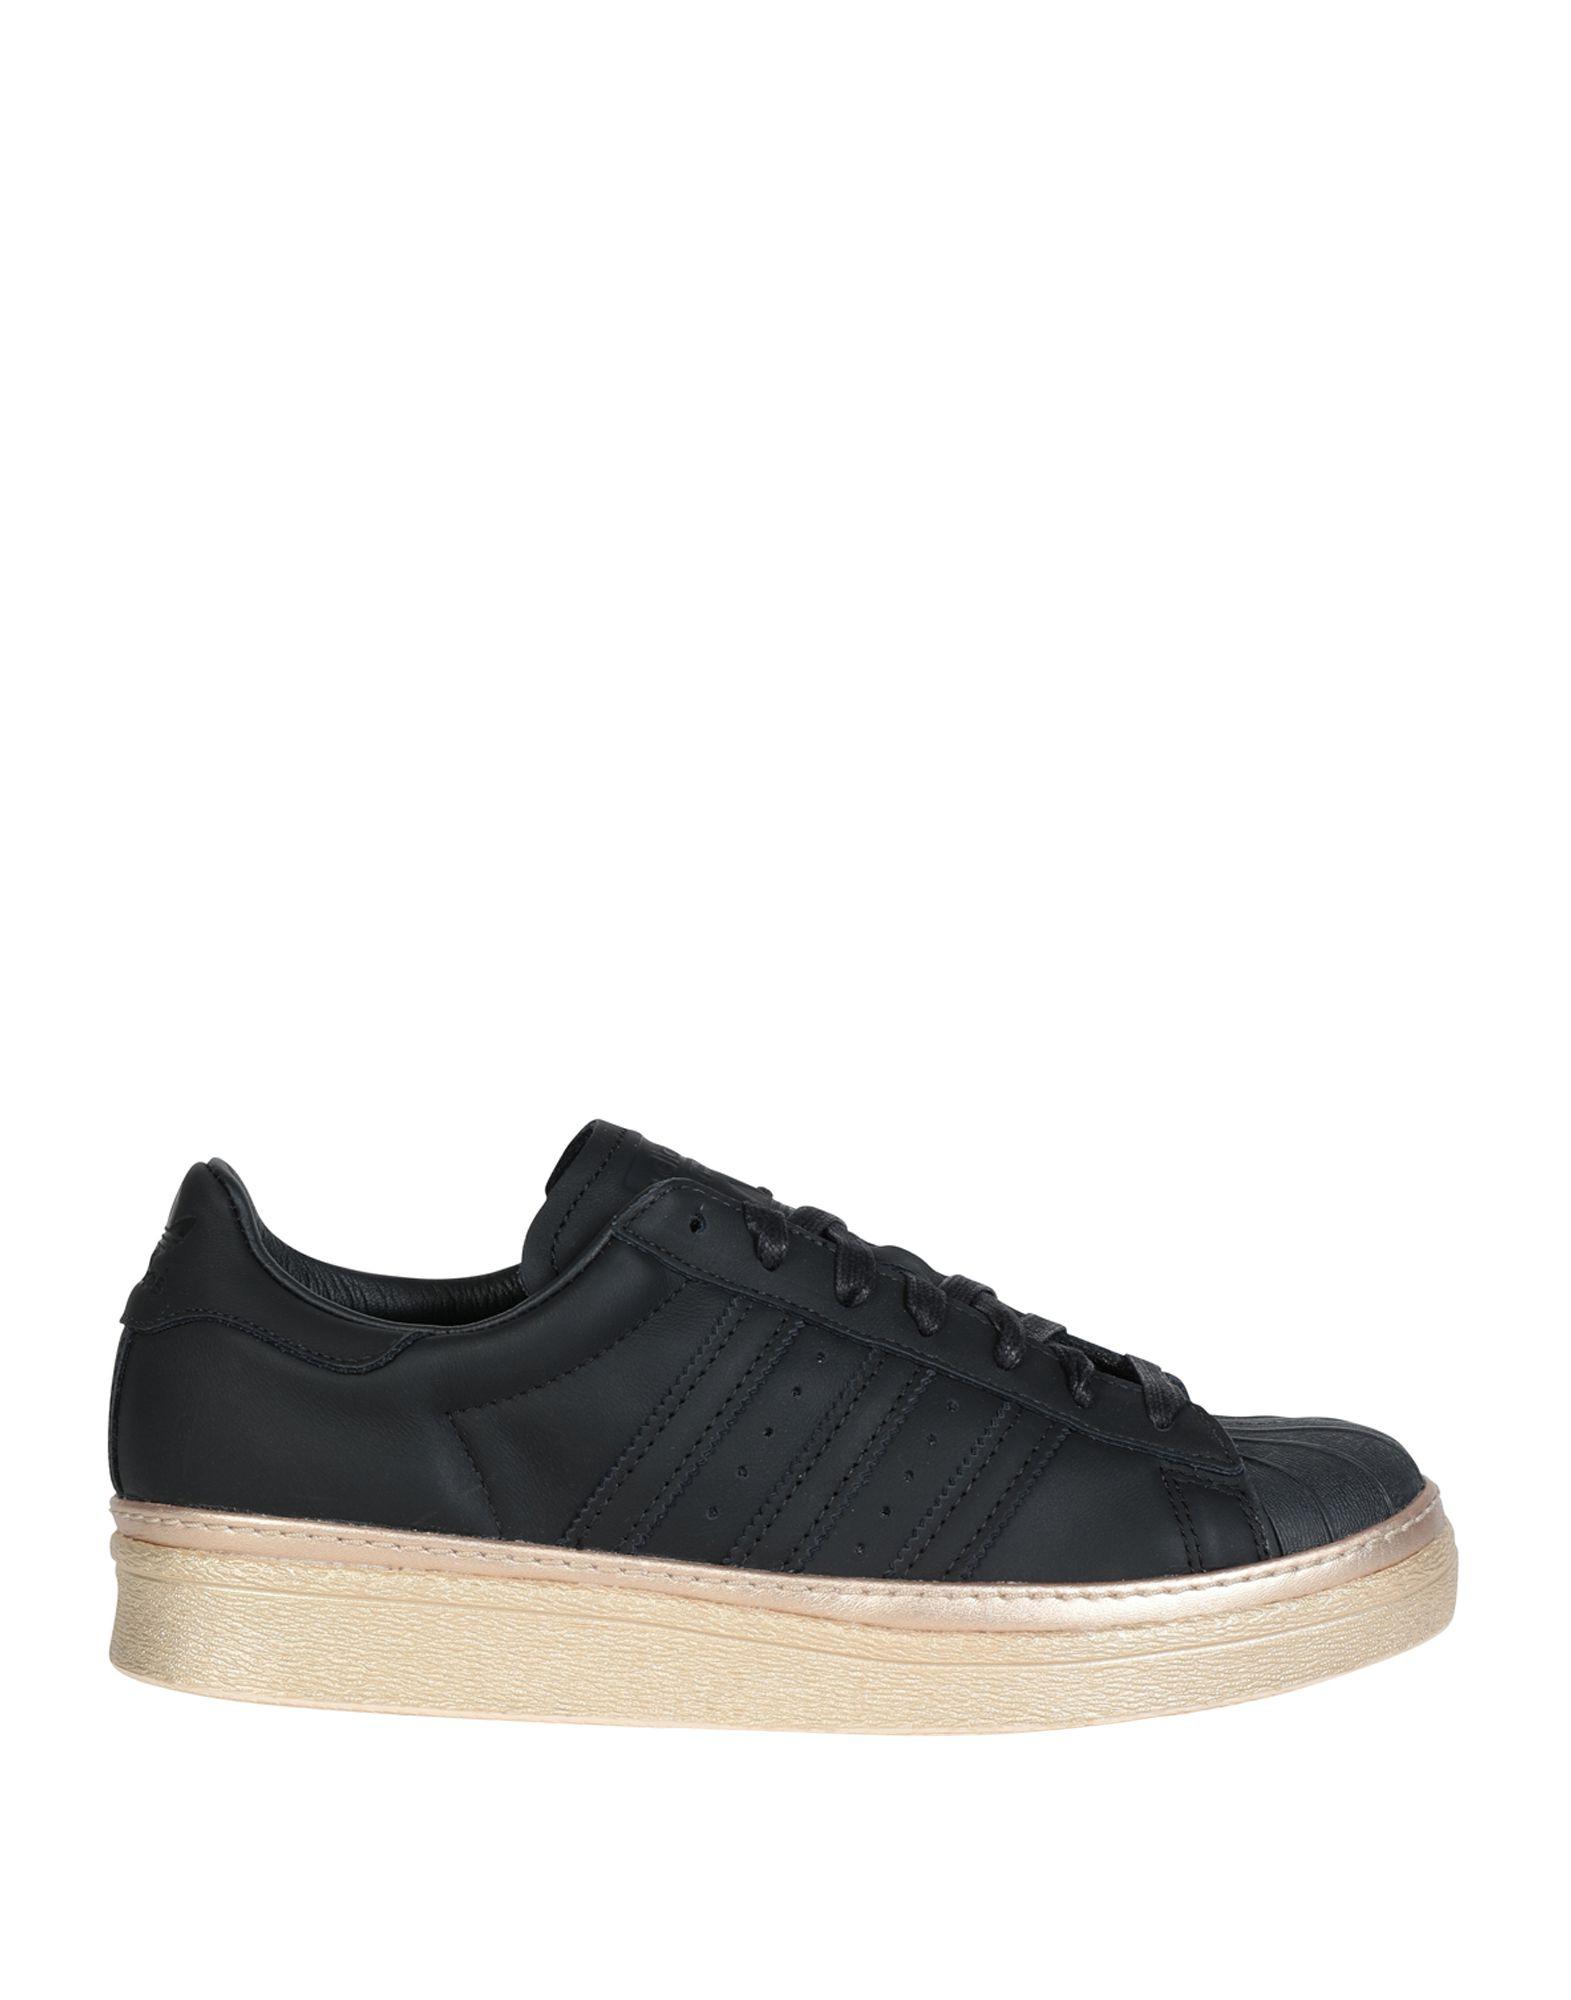 ADIDAS ORIGINALS Низкие кеды и кроссовки кроссовки детские adidas originals los angeles цвет синий серый s74877 размер 2 21 5